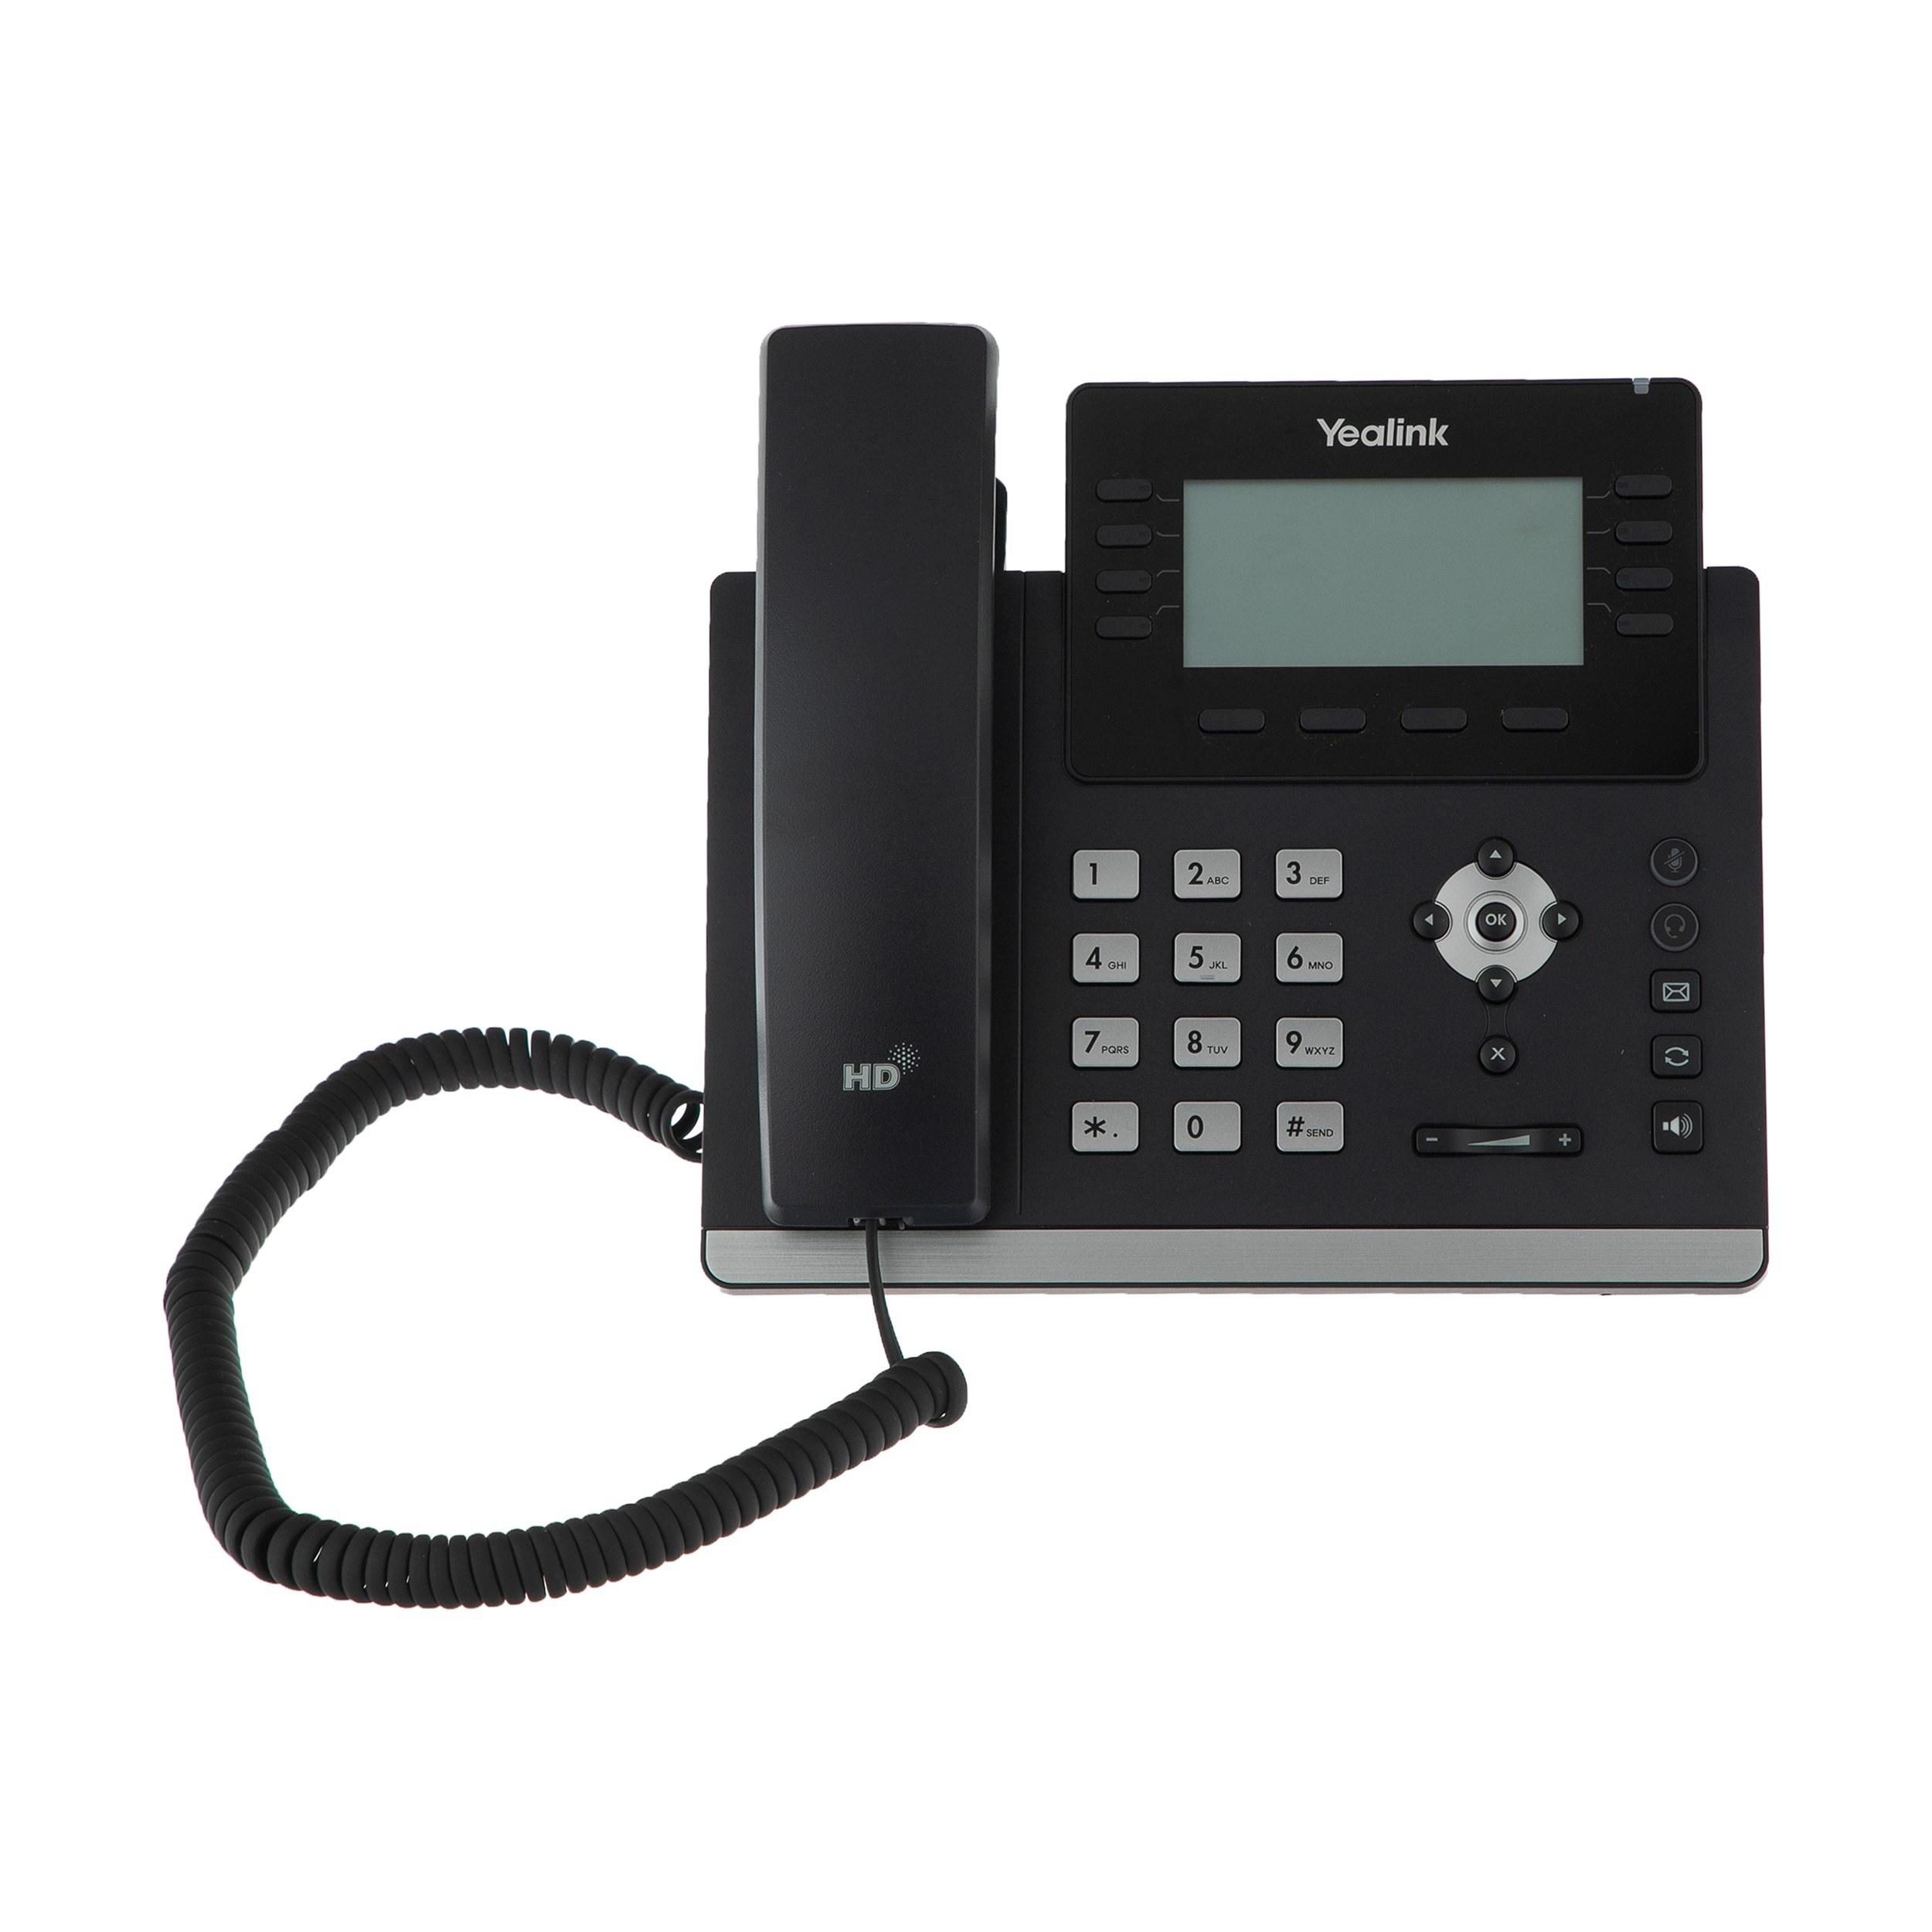 تصویر تلفن تحت شبکه یالینک مدل SIP-T43U Yealink SIP-T43U IP Phone